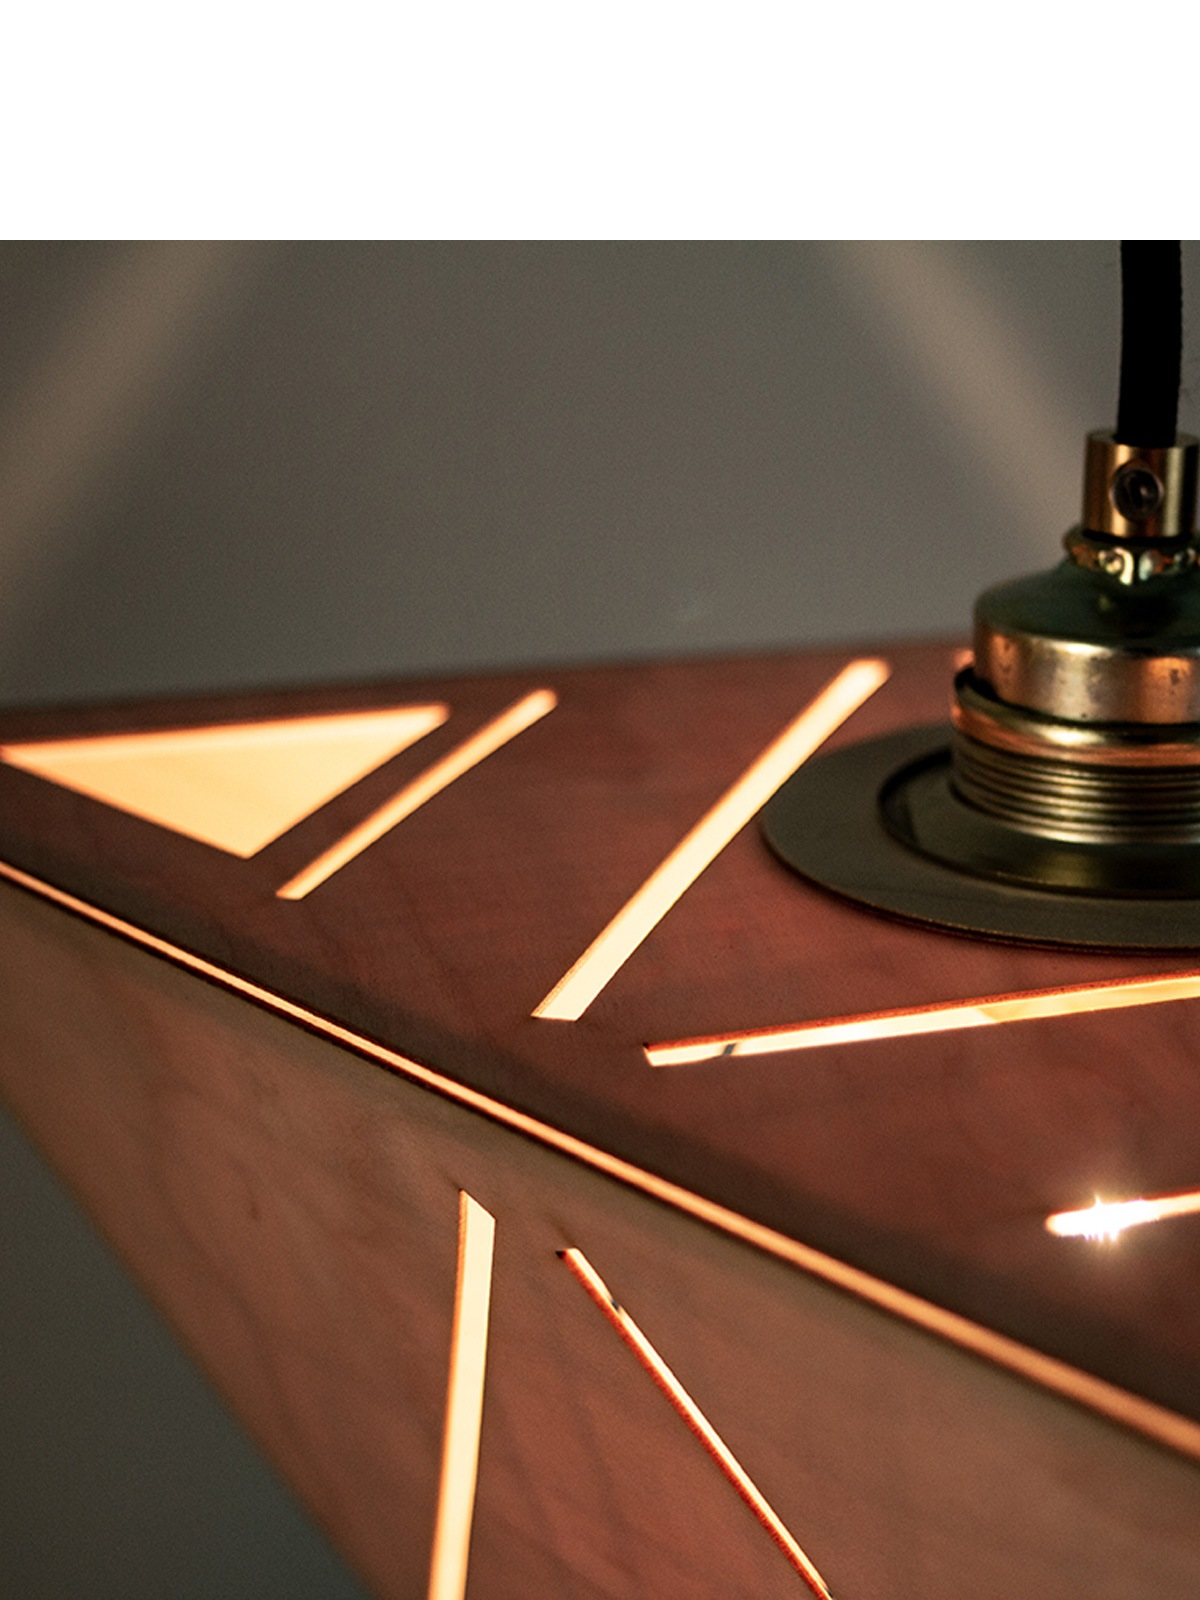 Atmo 33 Maeru Holzleuchte Designort Licht Leuchten Berlin